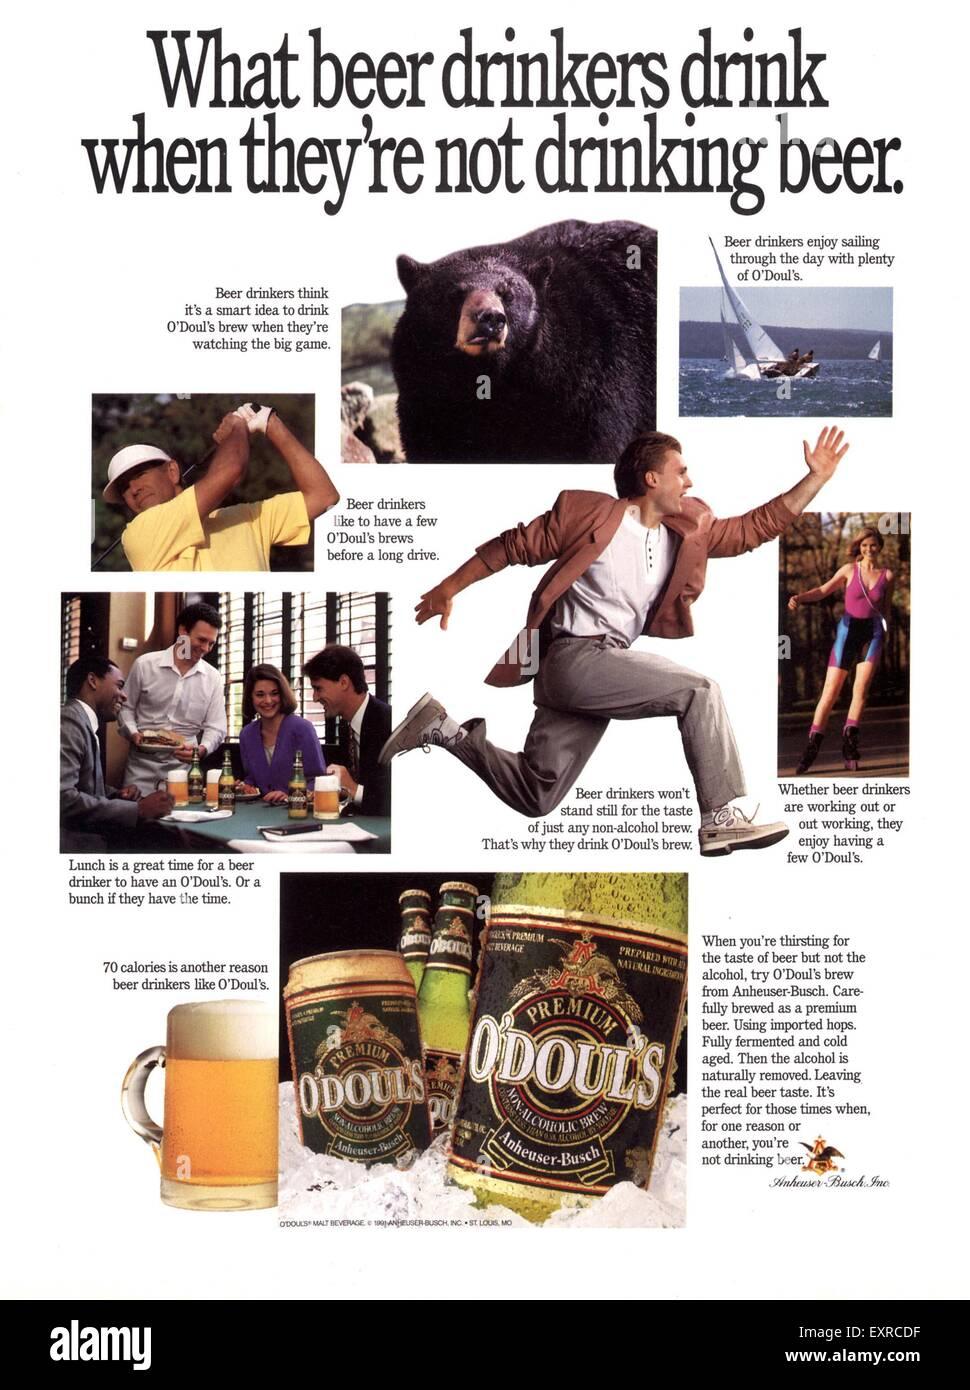 ba5ad8d07c454e 1990s Usa Magazine Advert Stock Photos   1990s Usa Magazine Advert ...